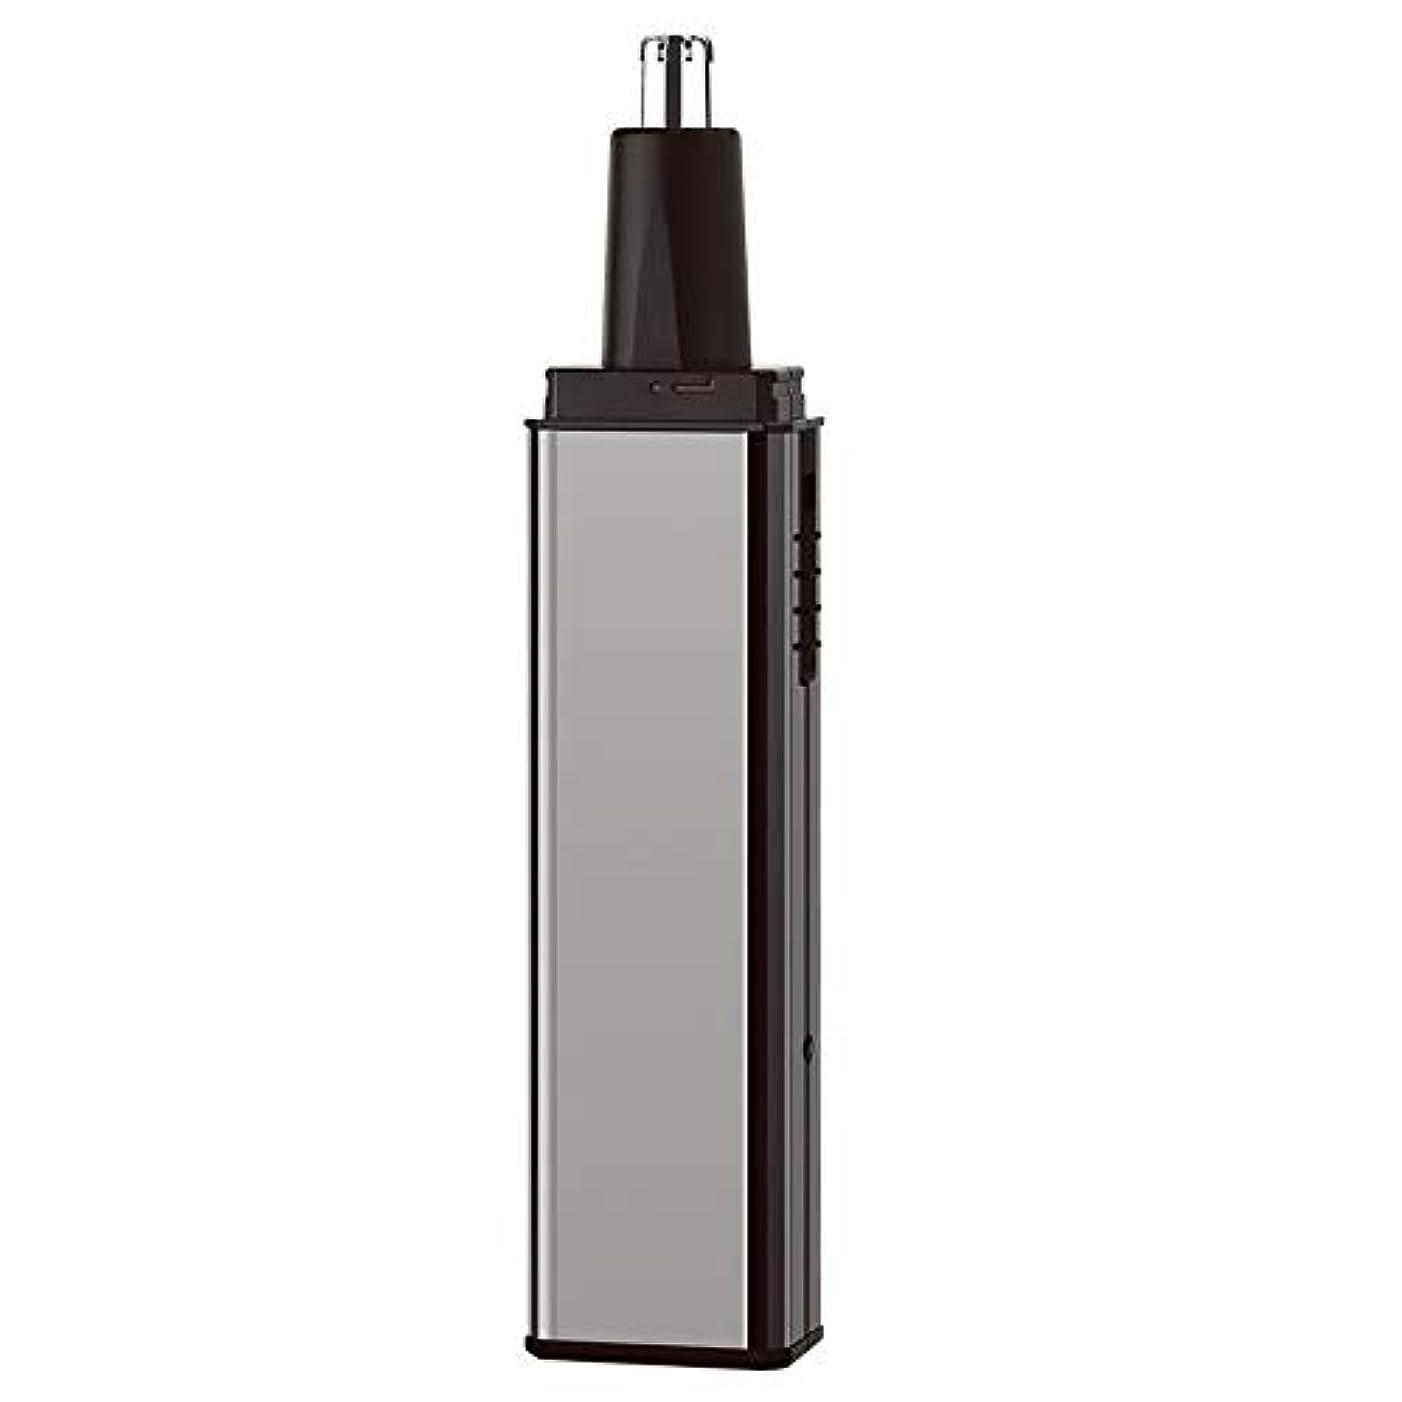 ロープ不良品画像鼻毛トリマー-多機能スーツフォーインワン/電気鼻毛トリマー/ステンレススチール/多機能/ 13.5 * 2.7cm ユニークで斬新